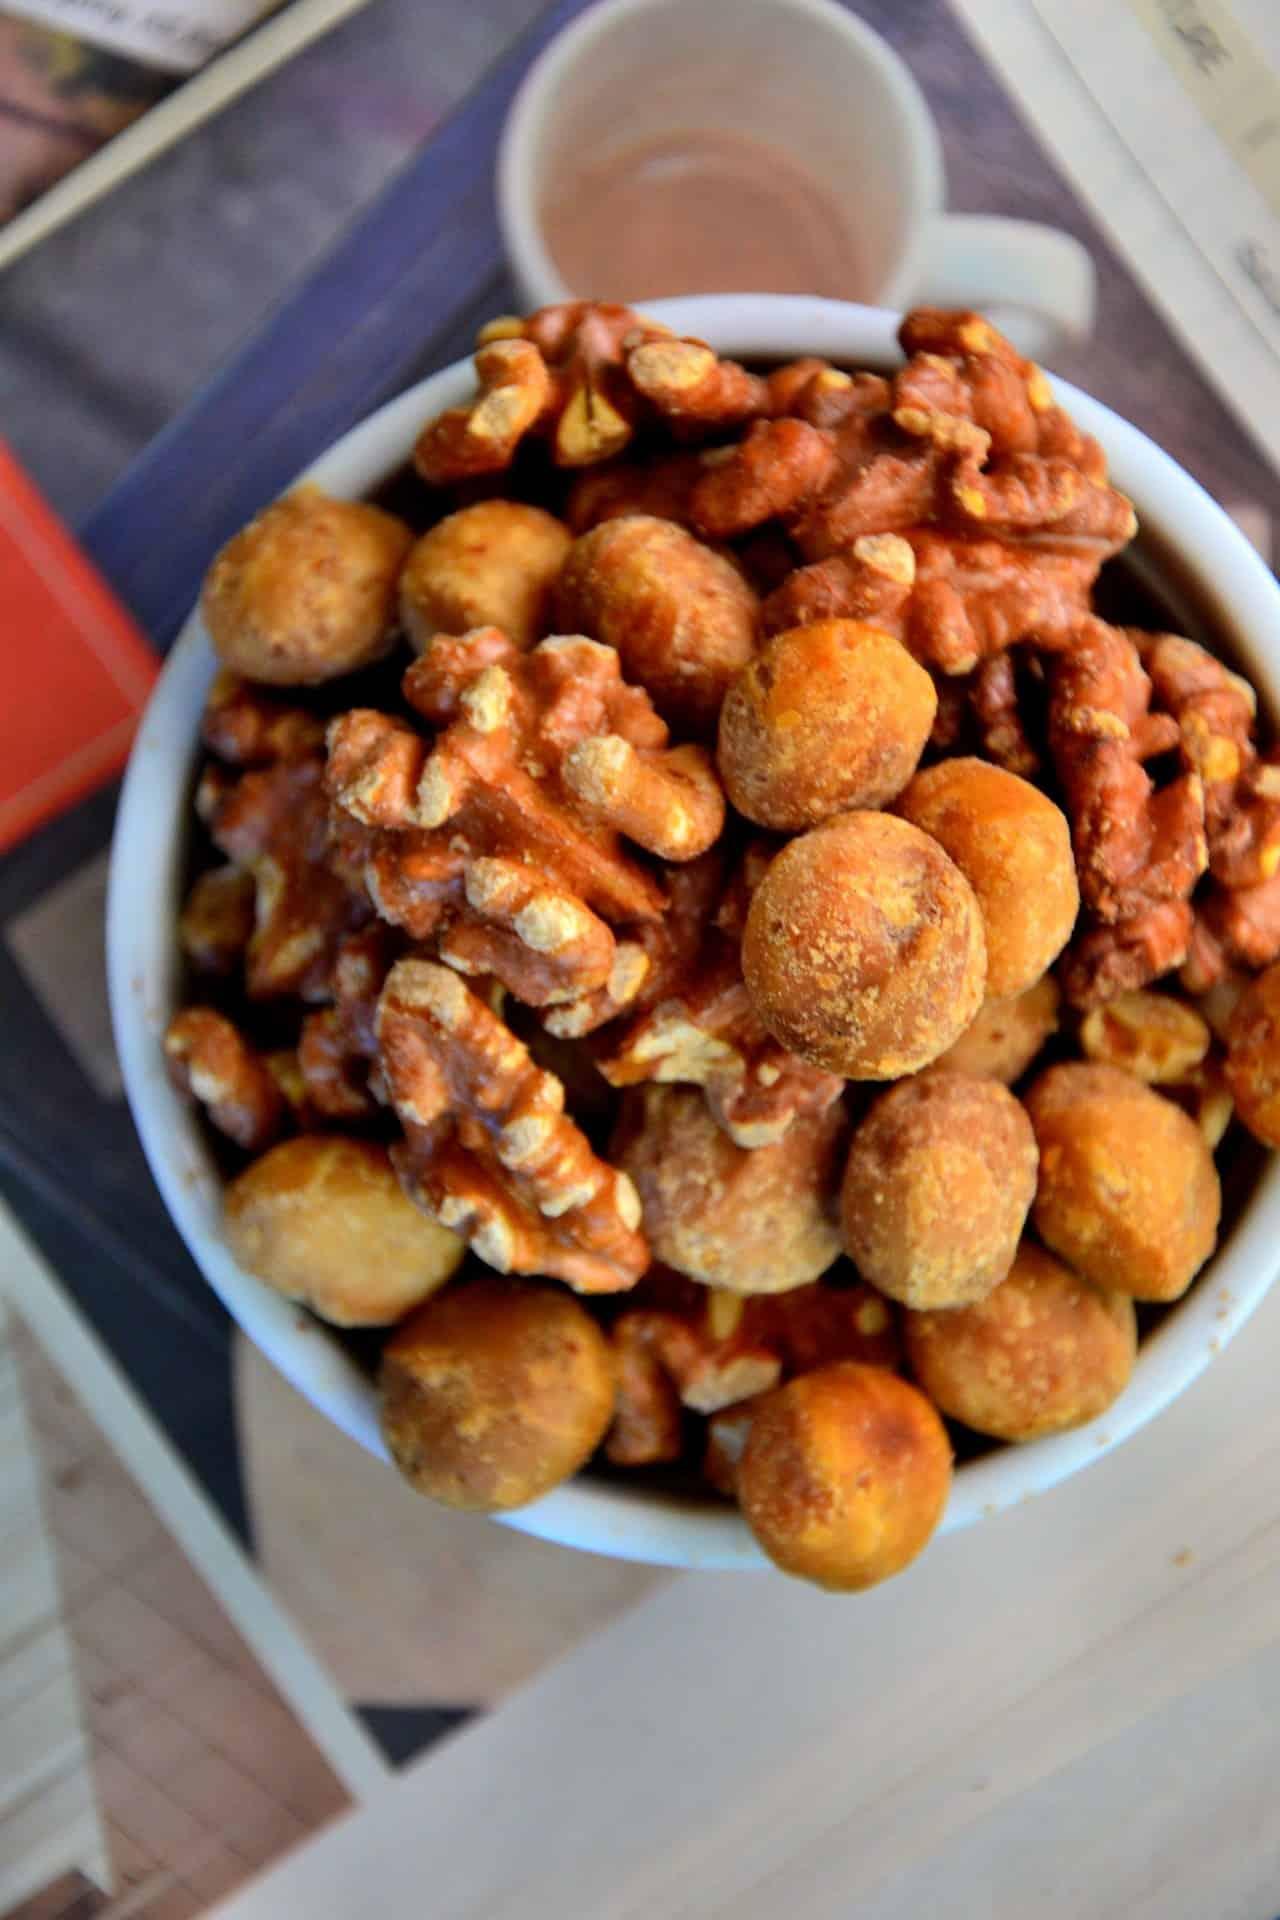 Vegan maple cinnamon roasted nuts